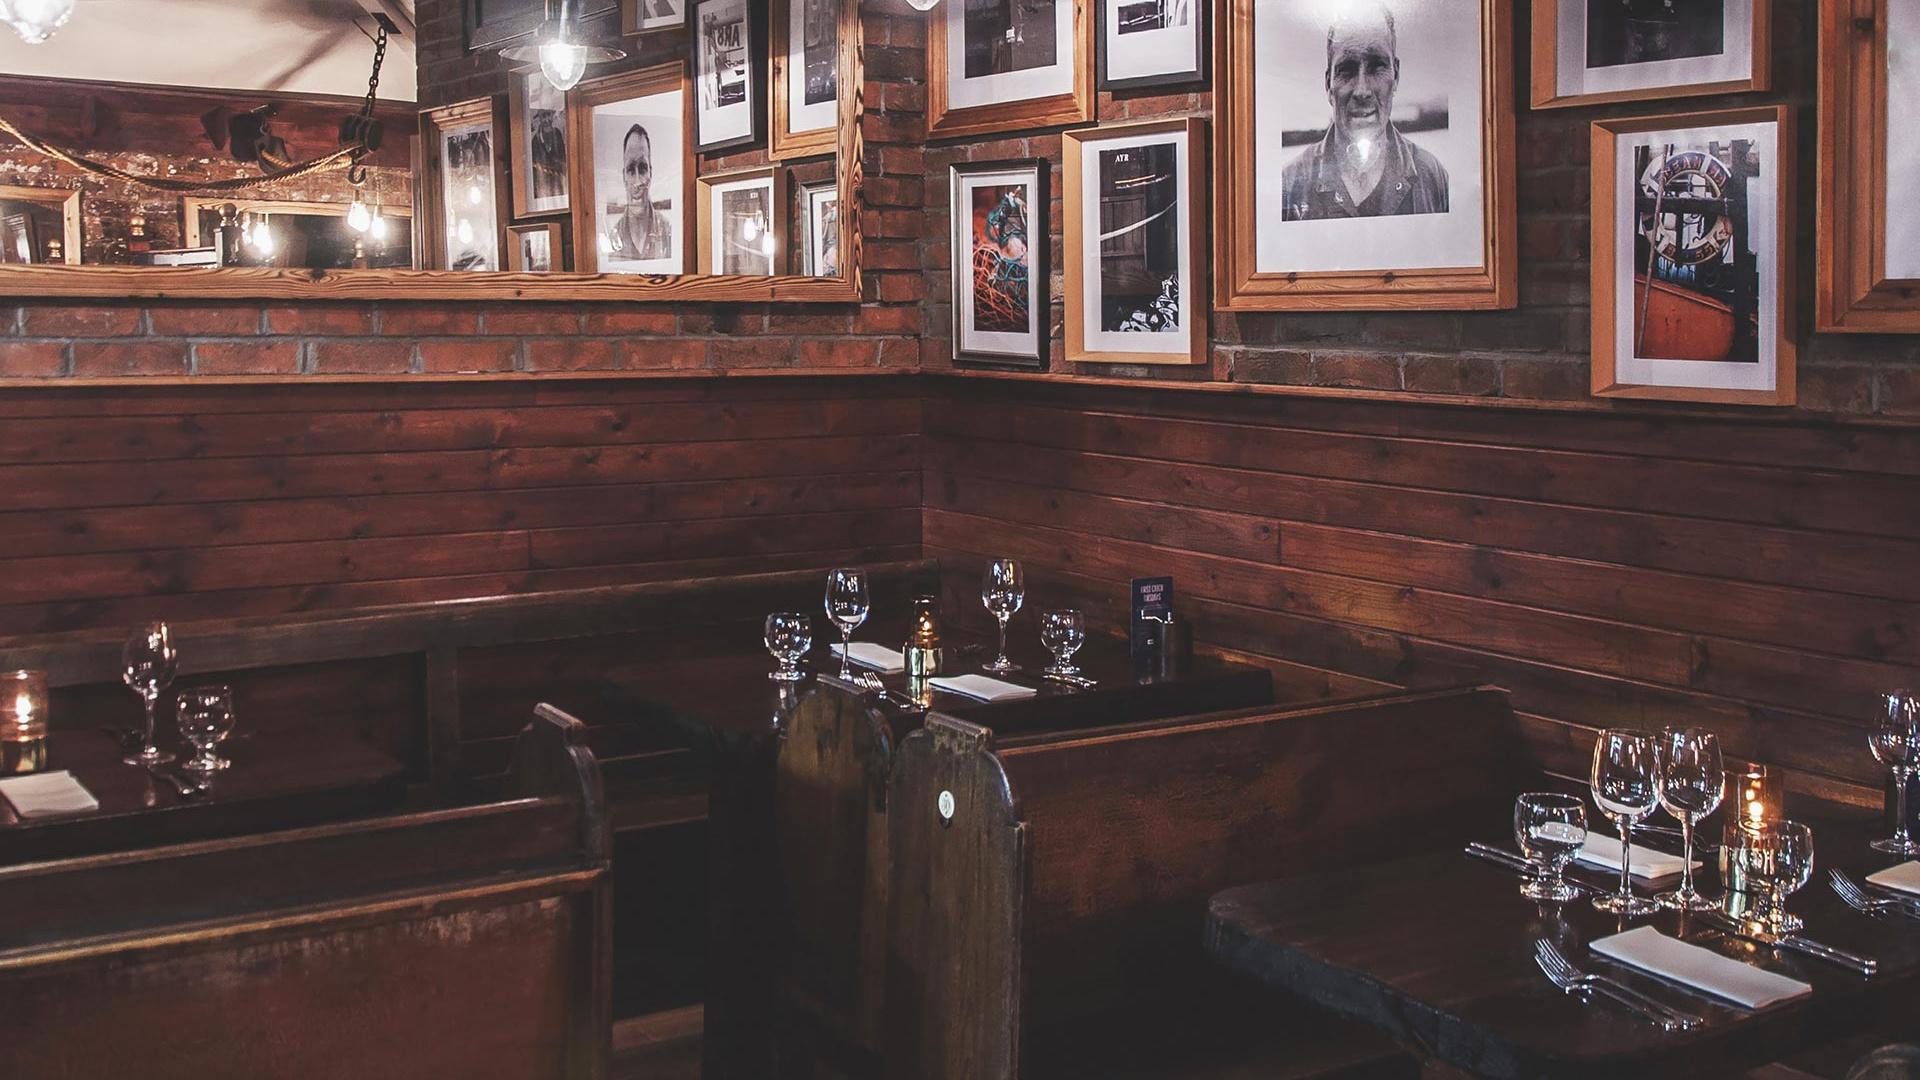 The Finnieston bar Glasgow